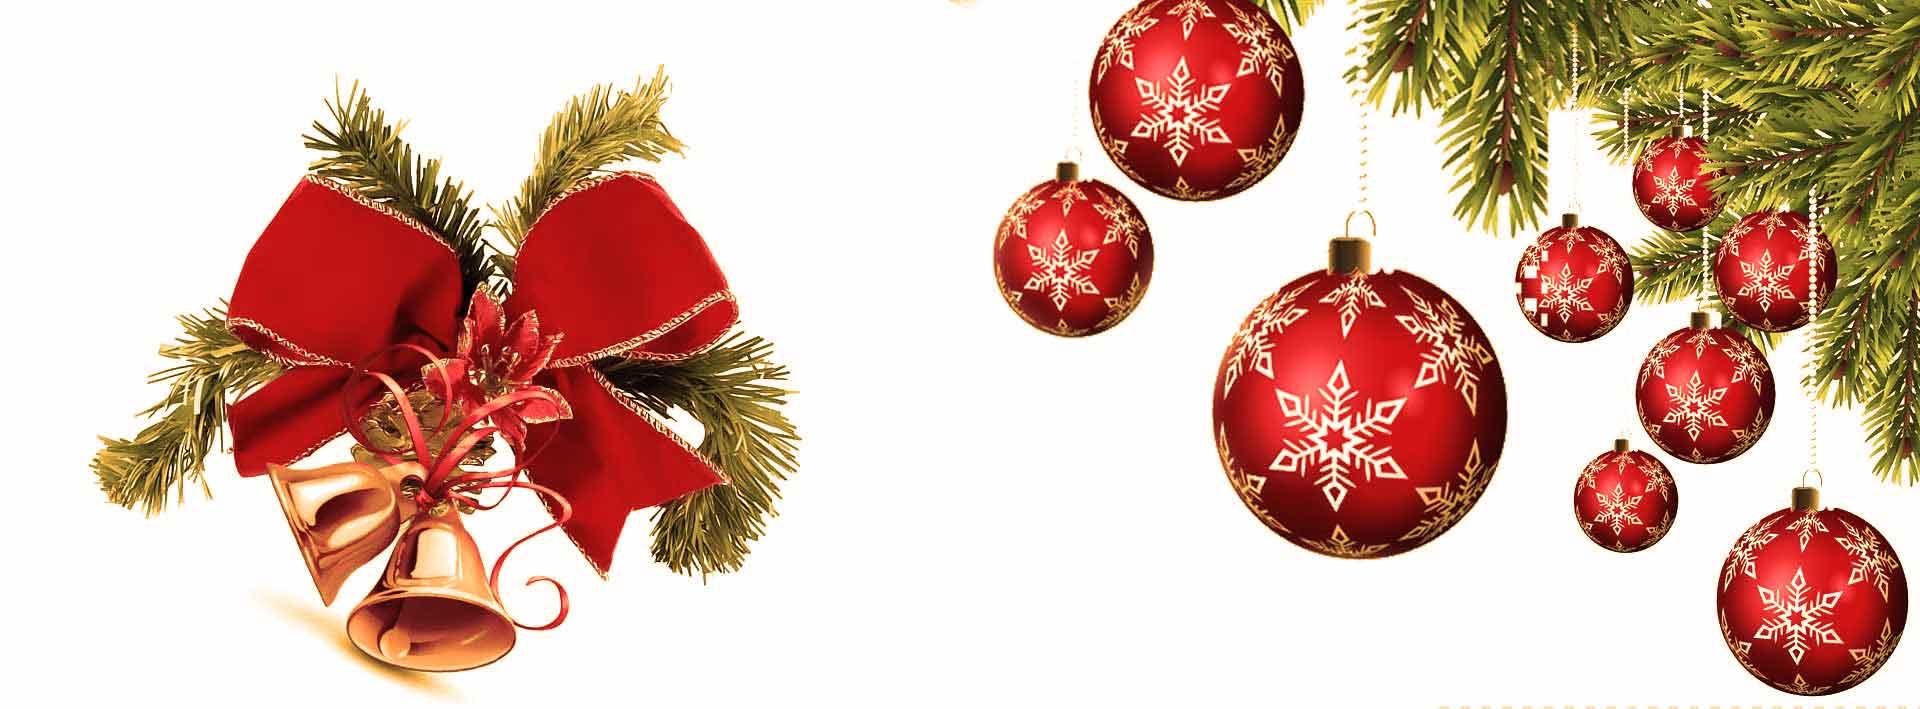 christmas 2 1 - تزئینات کریسمس